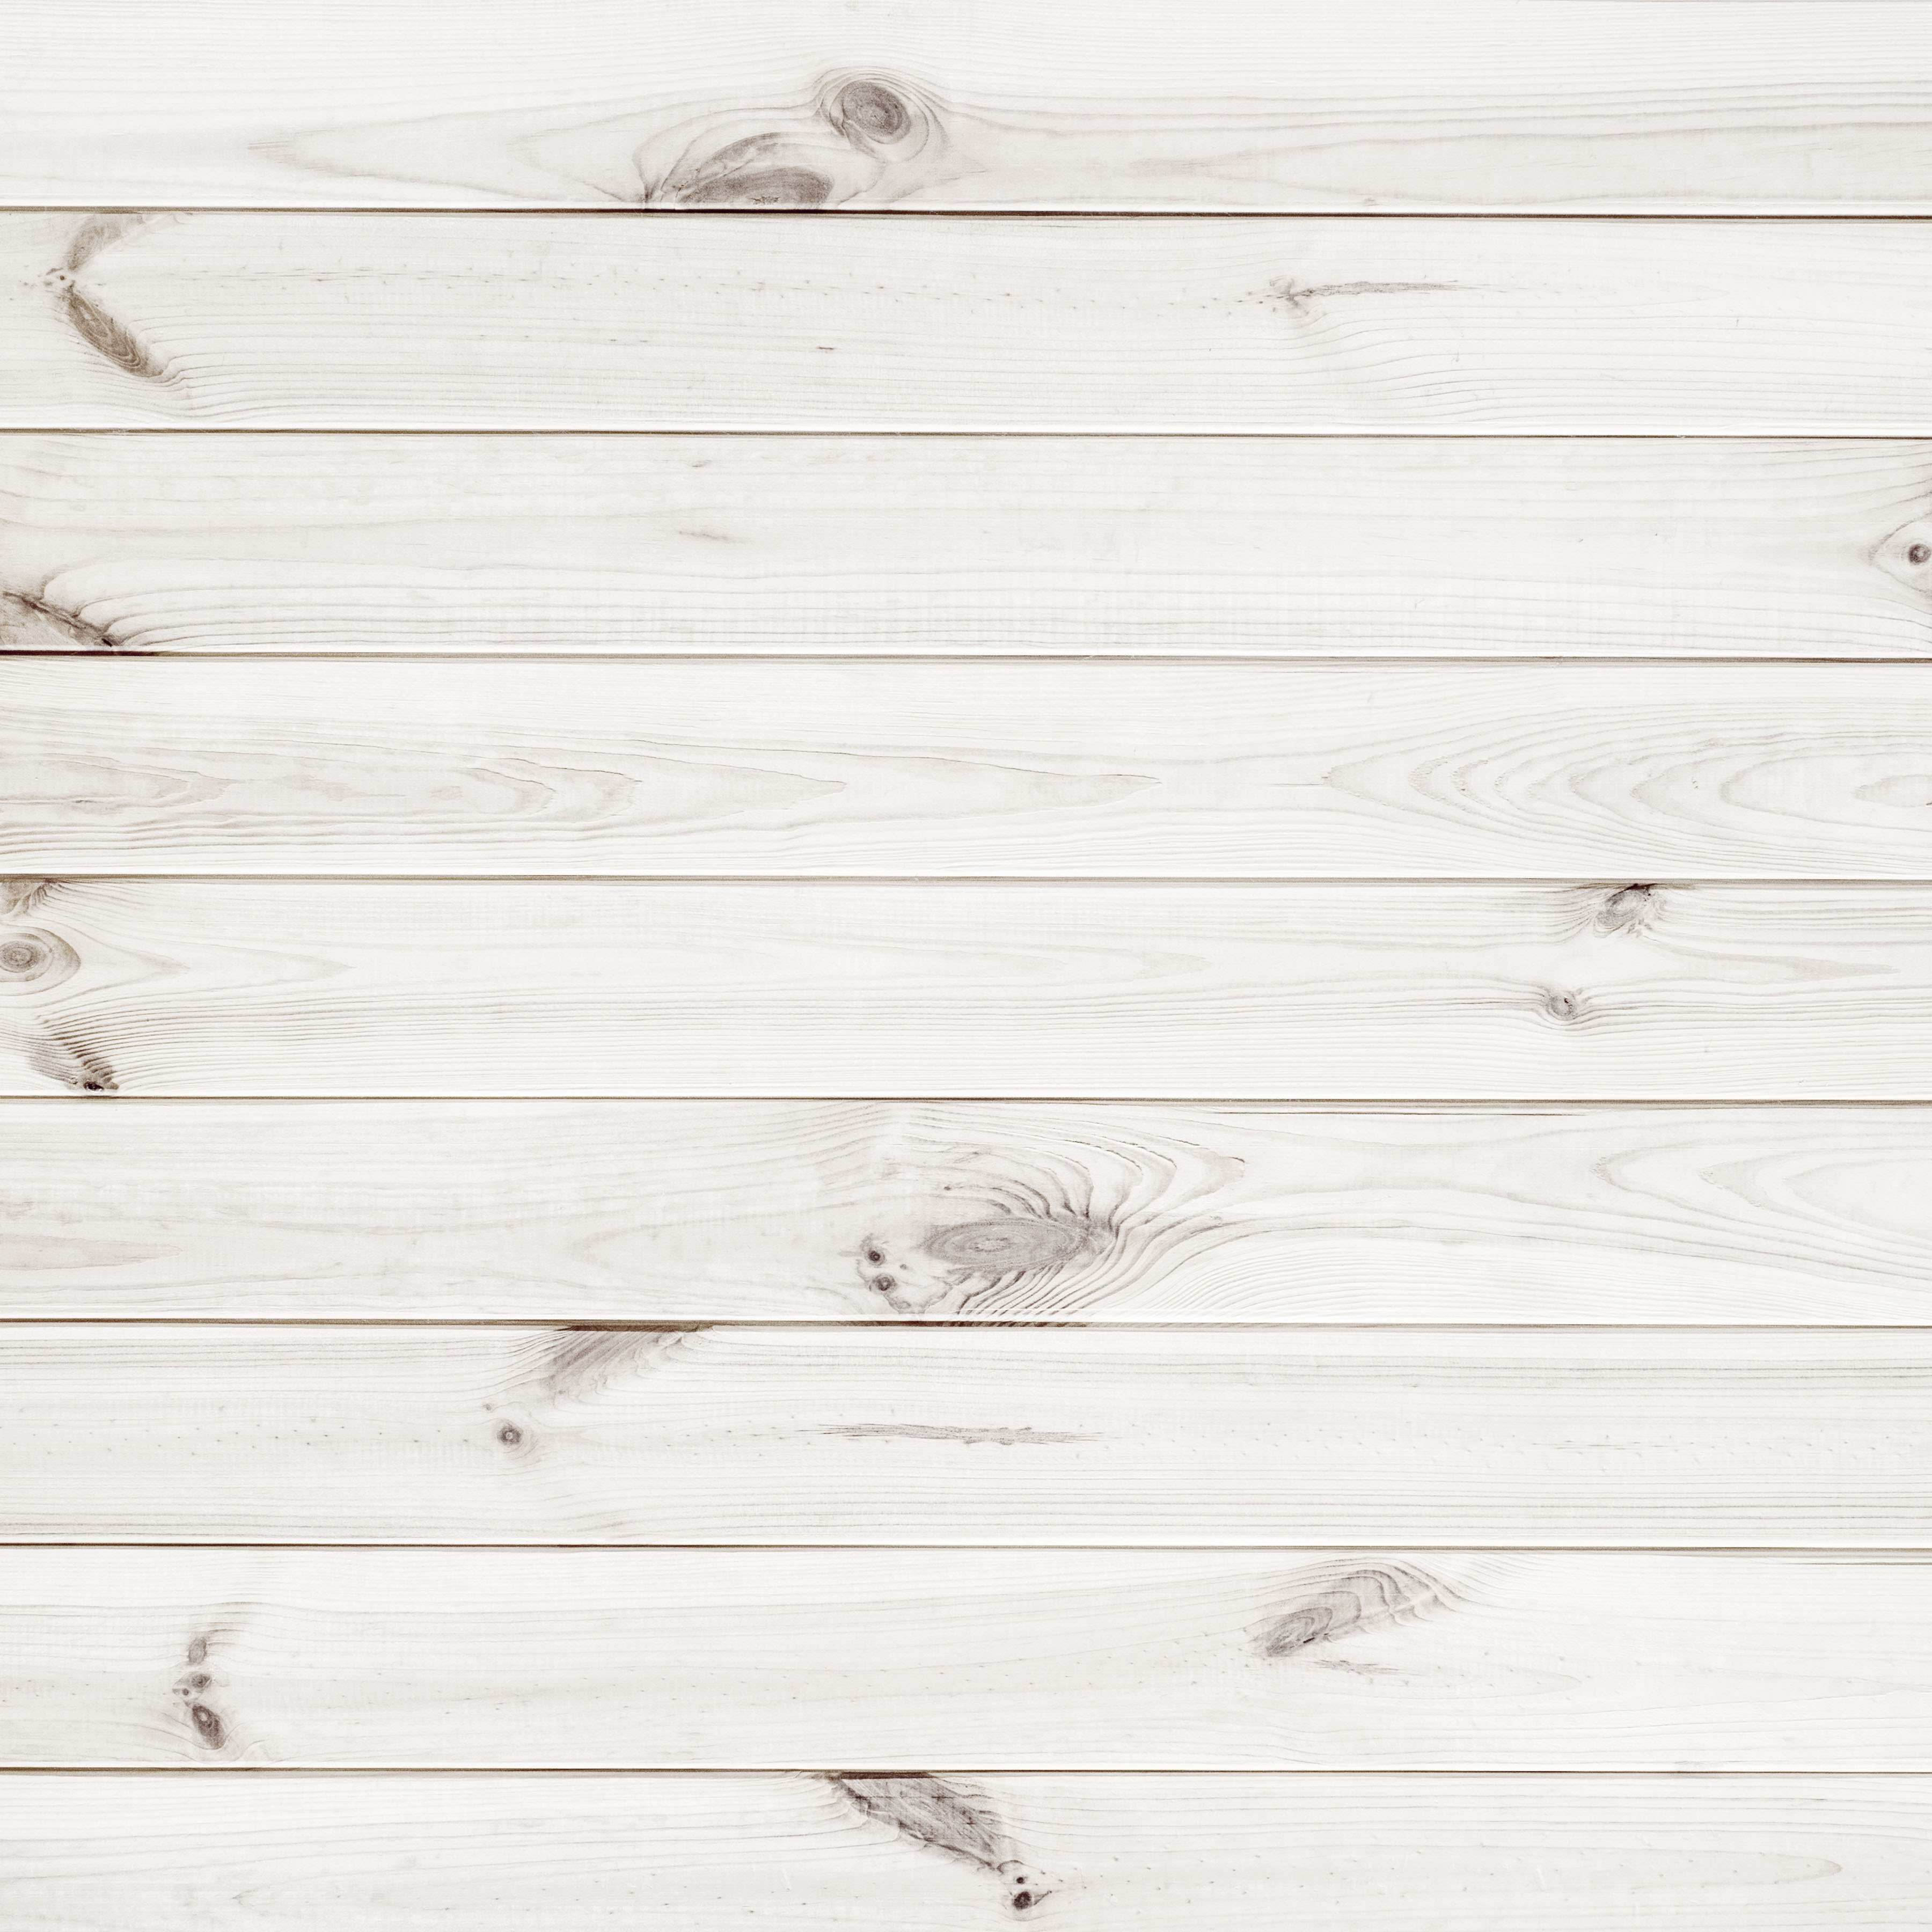 картинки на рабочий стол белое дерево жестоких злодейств такие